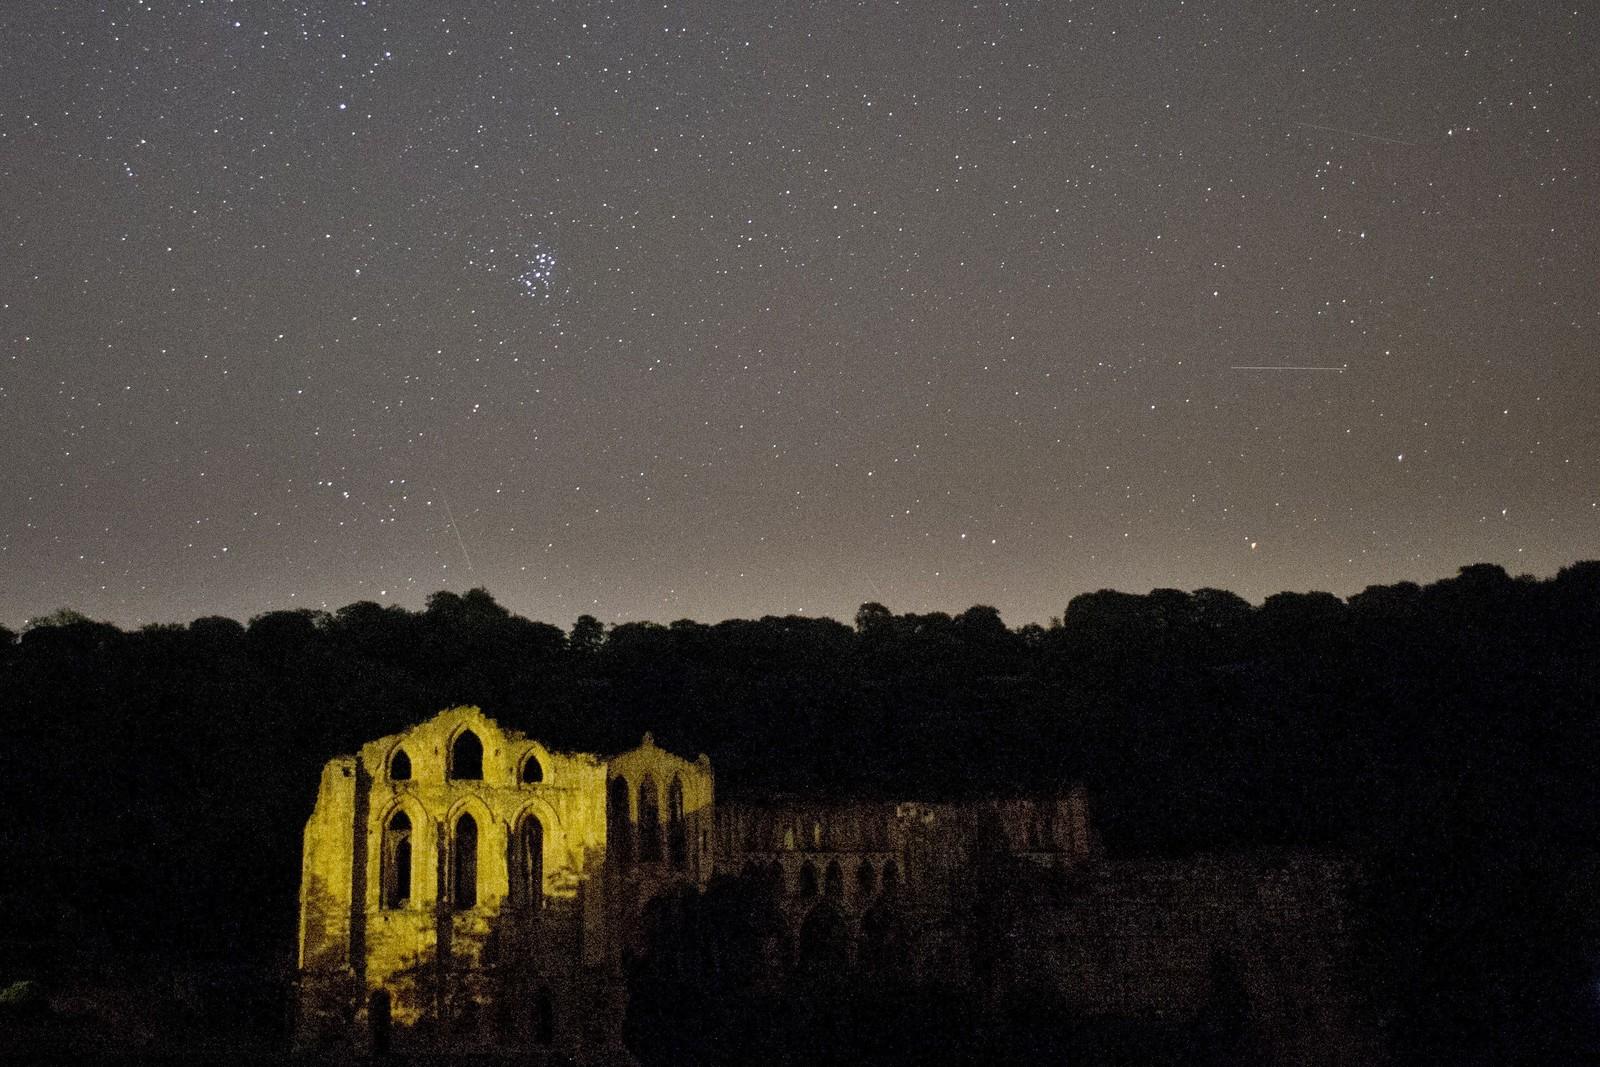 Perseidene kunne ses på himmelen denne uka, og dette bildet er tatt i nord-England.